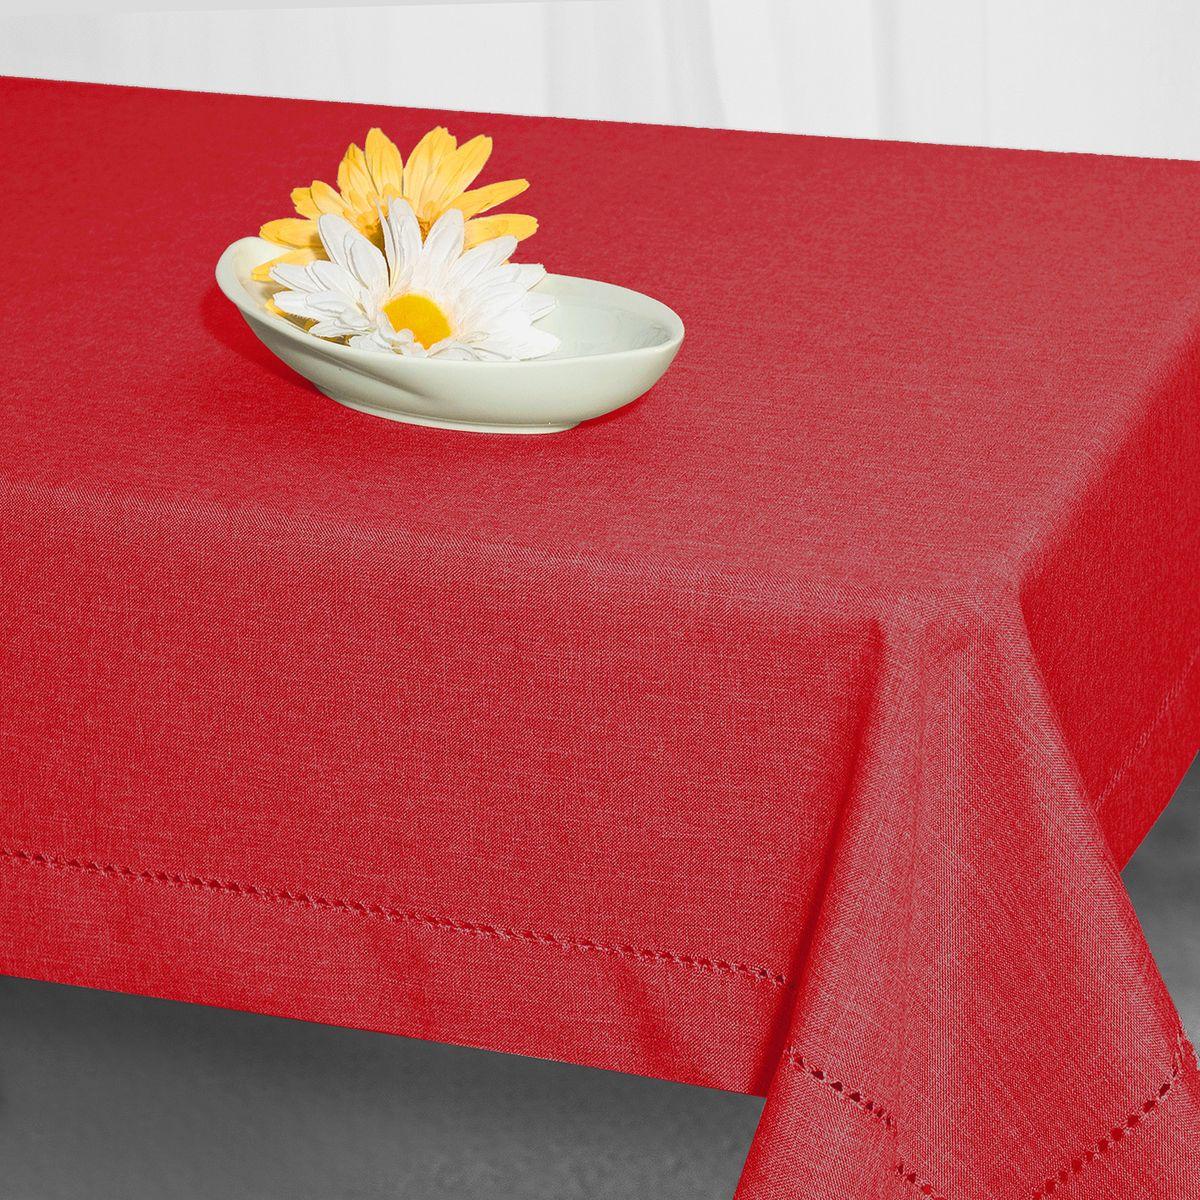 Скатерть Schaefer, прямоугольная, цвет: красный, 130 x 170 см. 07601-42907601-429Стильная скатерть Schaefer выполнена из полиэстера.Изделия из полиэстера легко стирать: они не мнутся, не садятся и быстро сохнут, они более долговечны, чем изделия из натуральных волокон.Немецкая компания Schaefer создана в 1921 году. На протяжении всего времени существования она создает уникальные коллекции домашнего текстиля для гостиных, спален, кухонь и ванных комнат. Дизайнерские идеи немецких художников компании Schaefer воплощаются в текстильных изделиях, которые сделают ваш дом красивее и уютнее и не останутся незамеченными вашими гостями. Дарите себе и близким красоту каждый день!